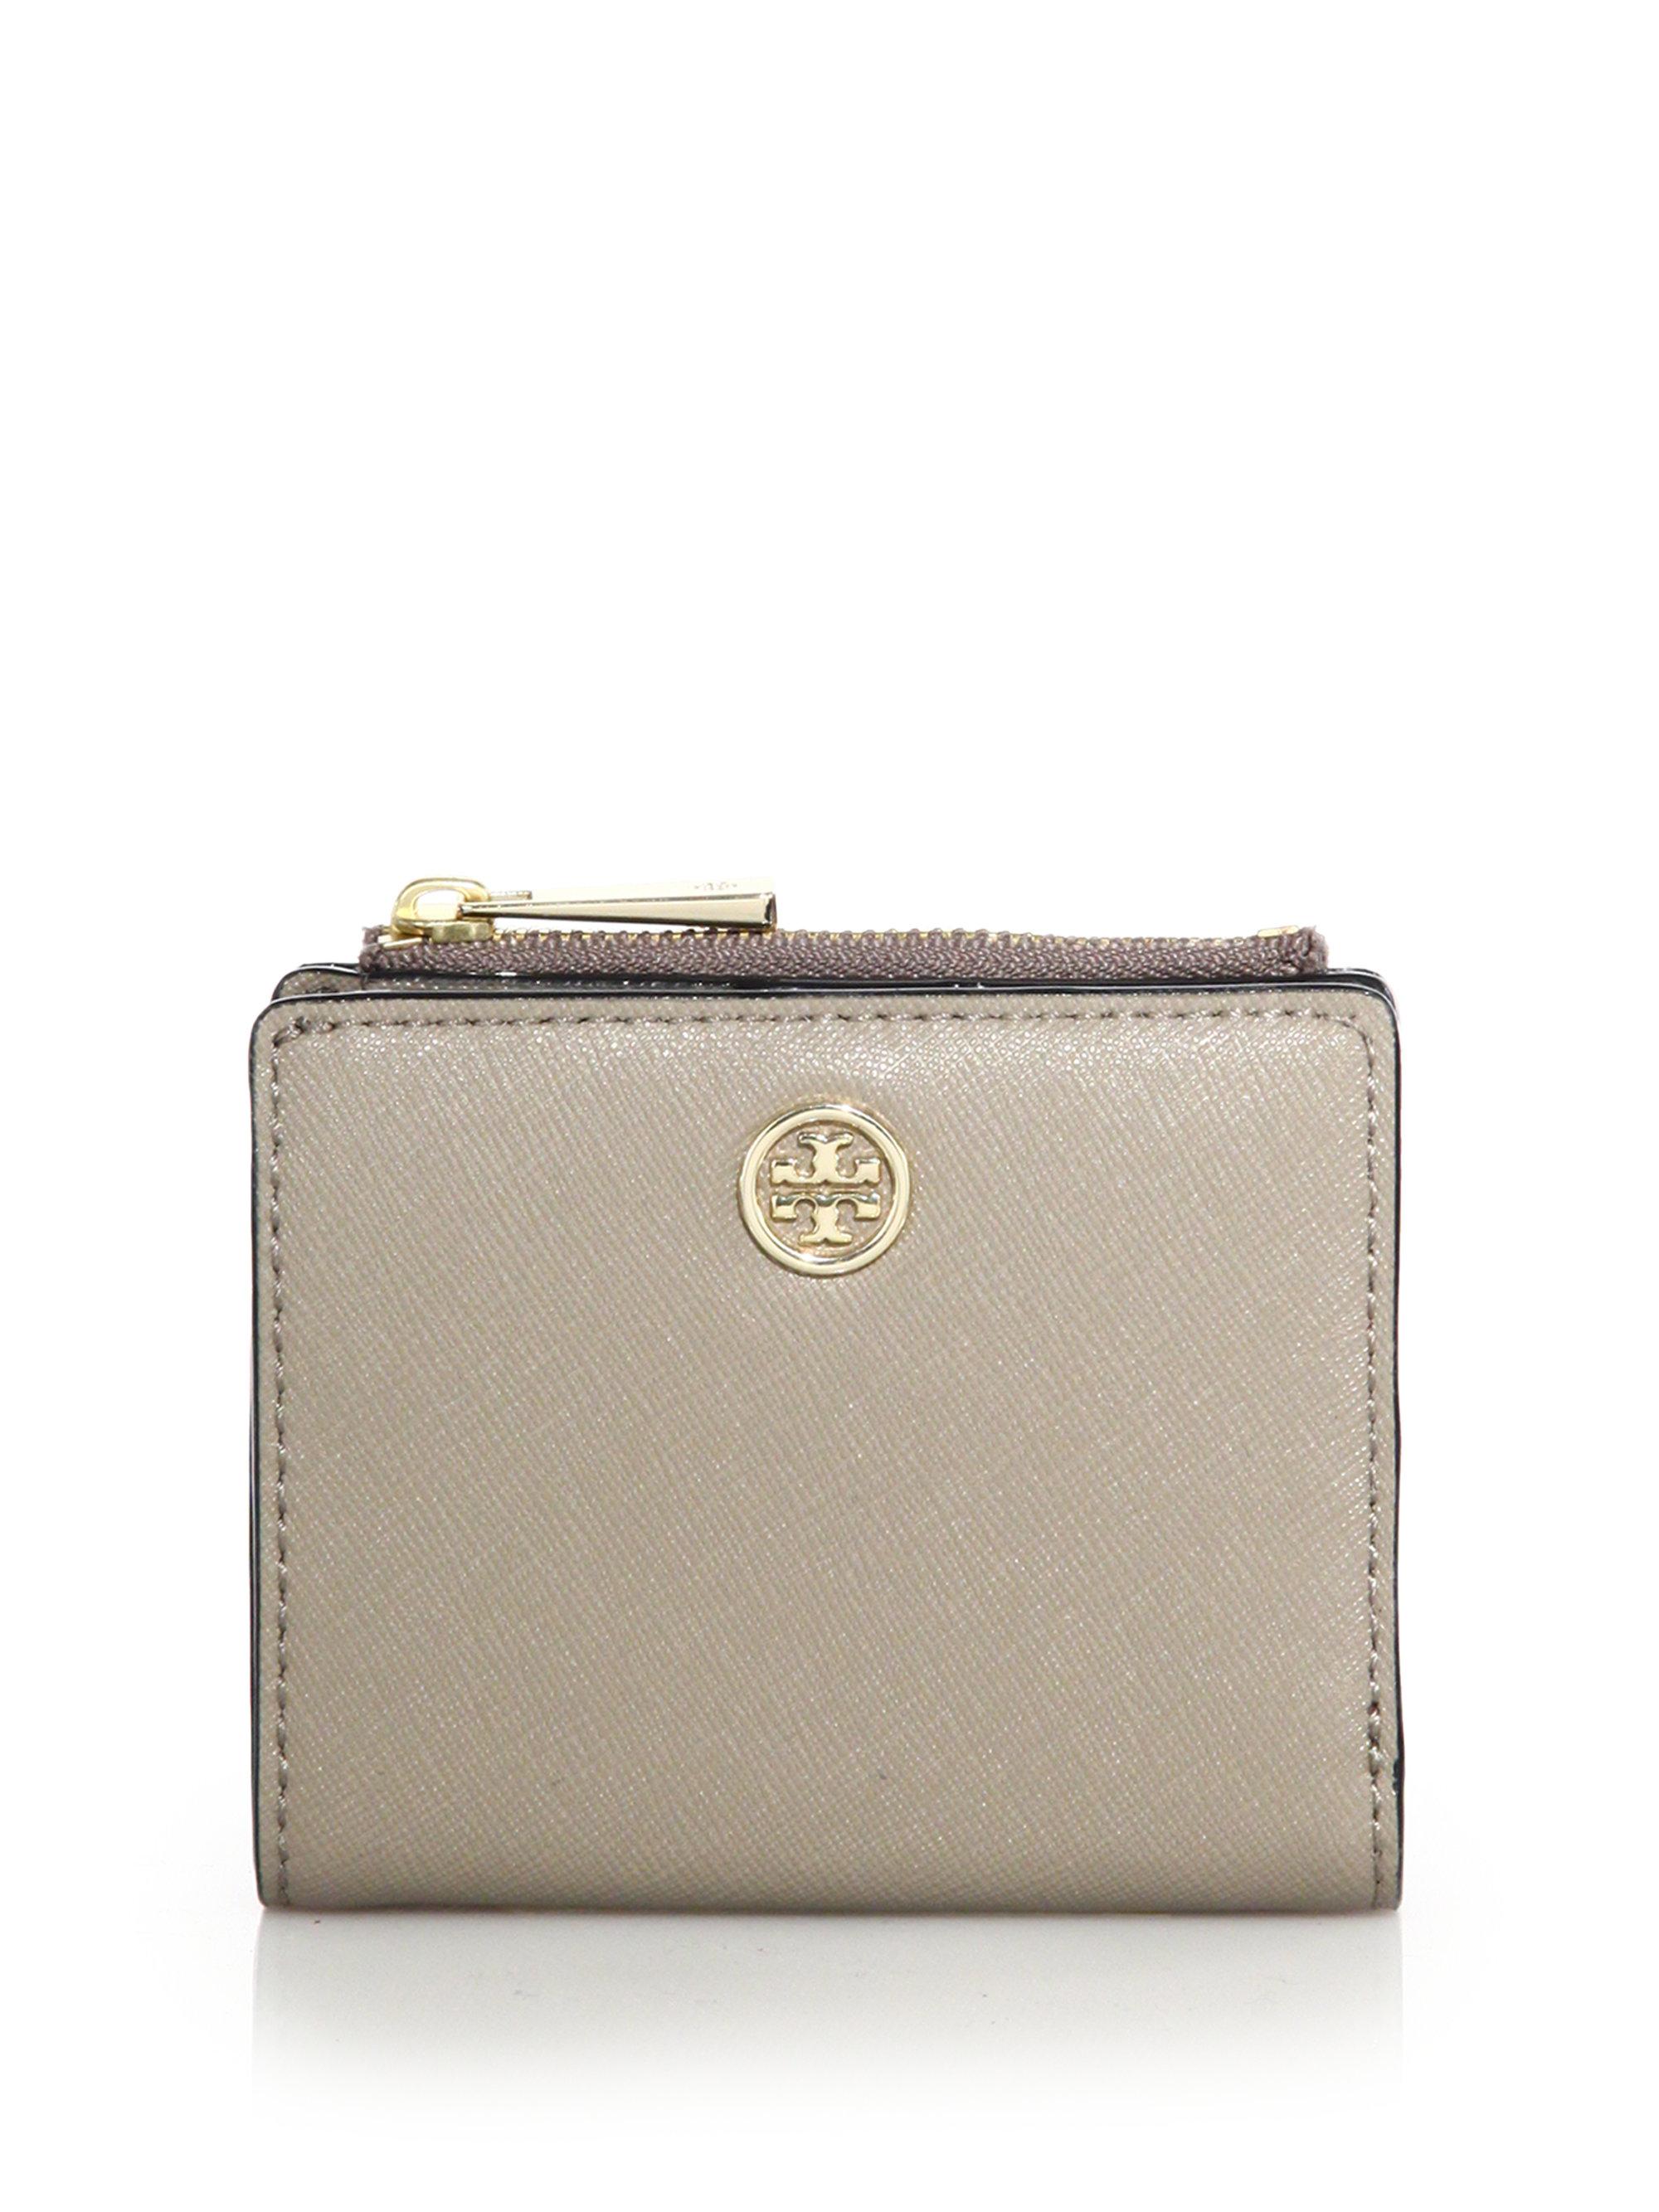 5a87f013454b ... australia lyst tory burch robinson mini saffiano leather wallet in gray  cccba 501c9